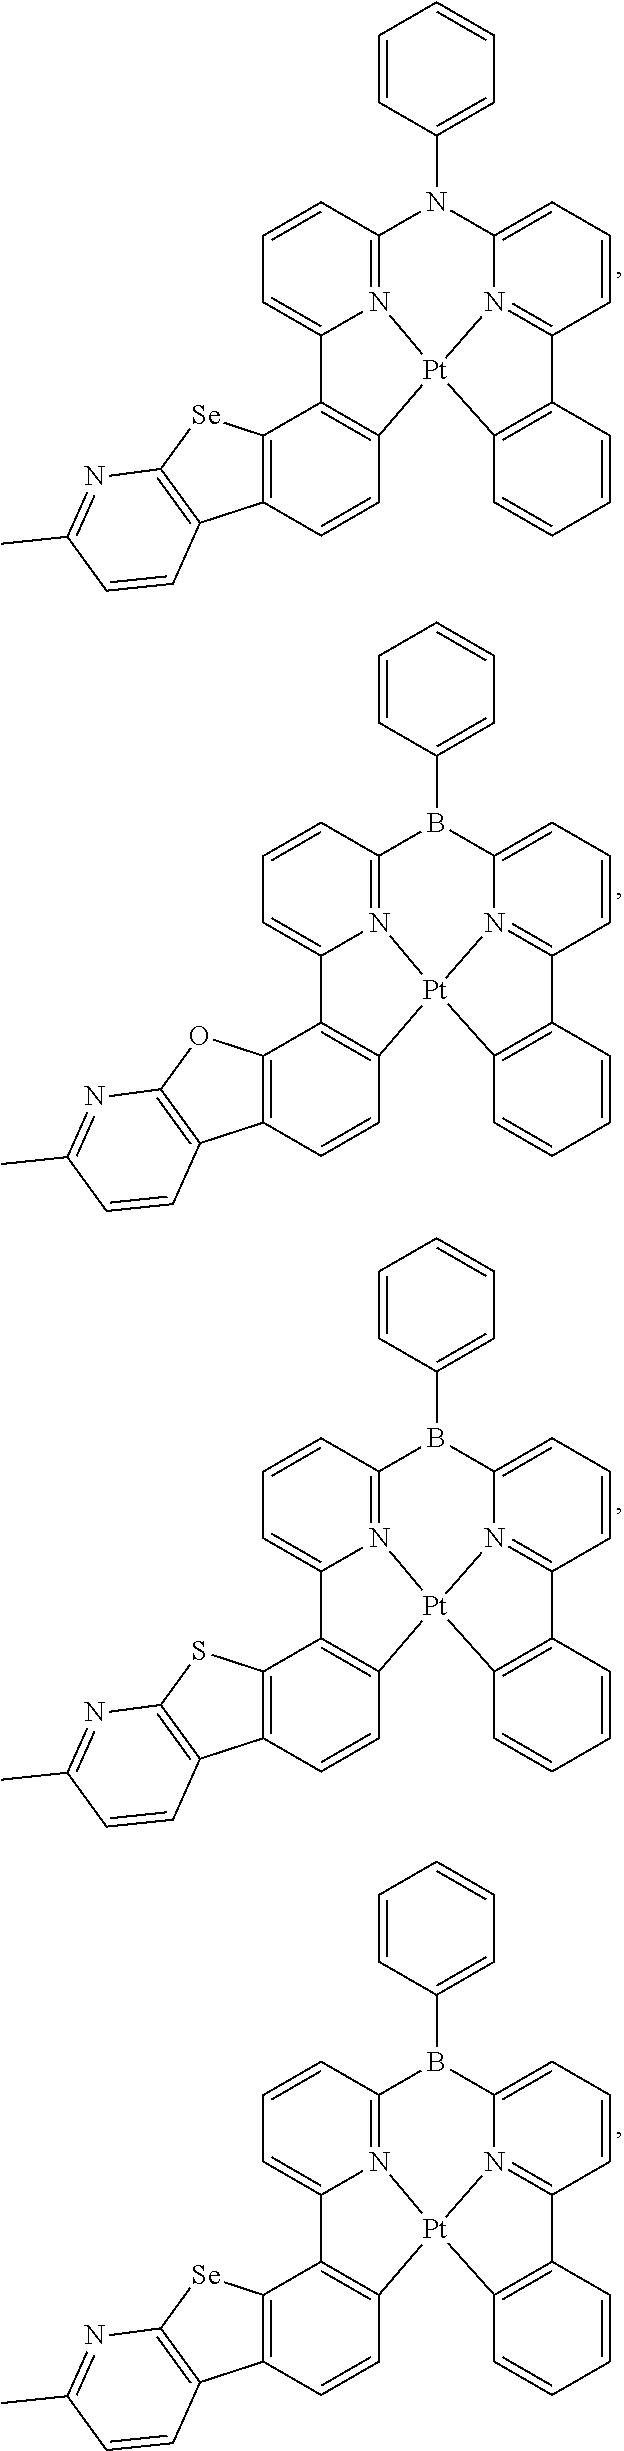 Figure US09871214-20180116-C00017